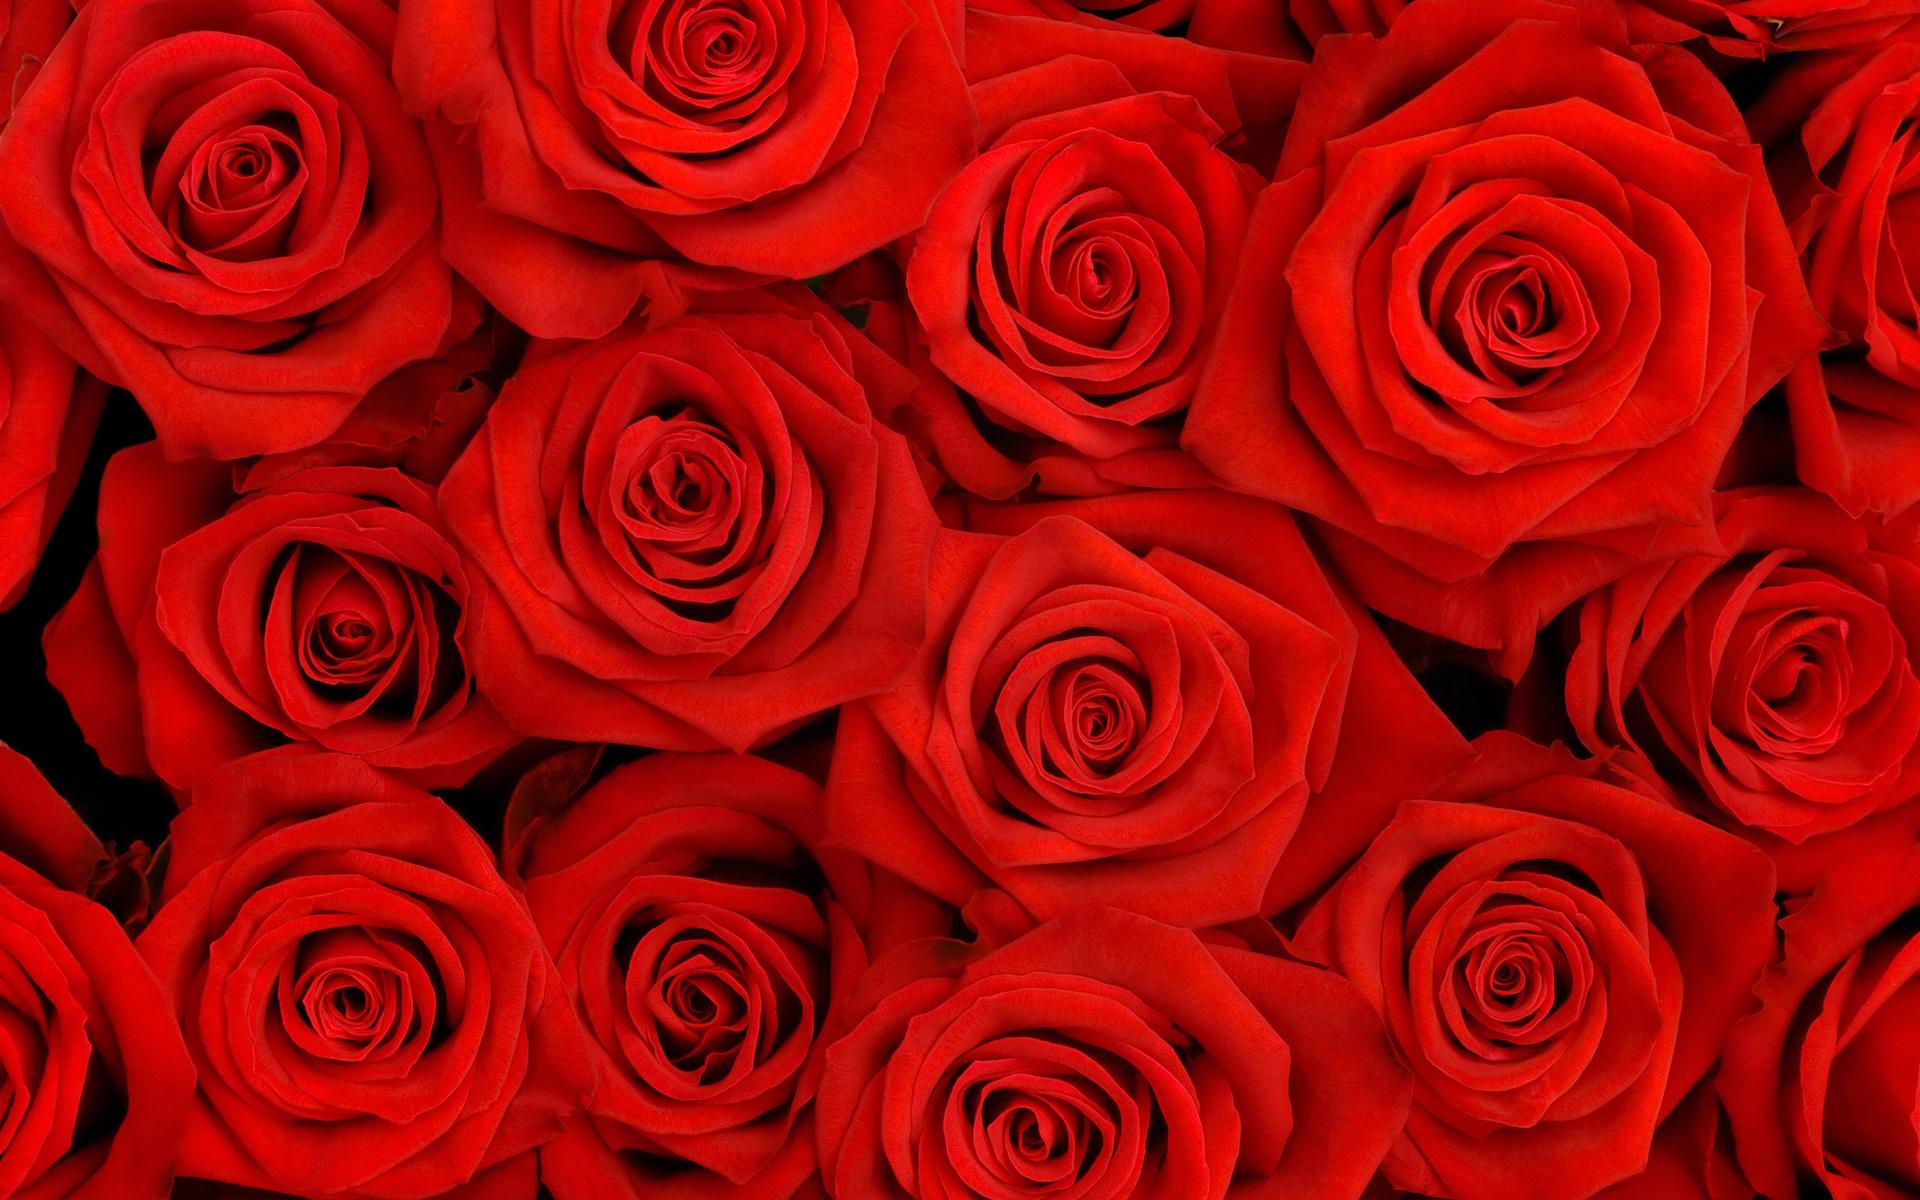 14440 Hintergrundbild herunterladen Pflanzen, Blumen, Hintergrund, Roses - Bildschirmschoner und Bilder kostenlos